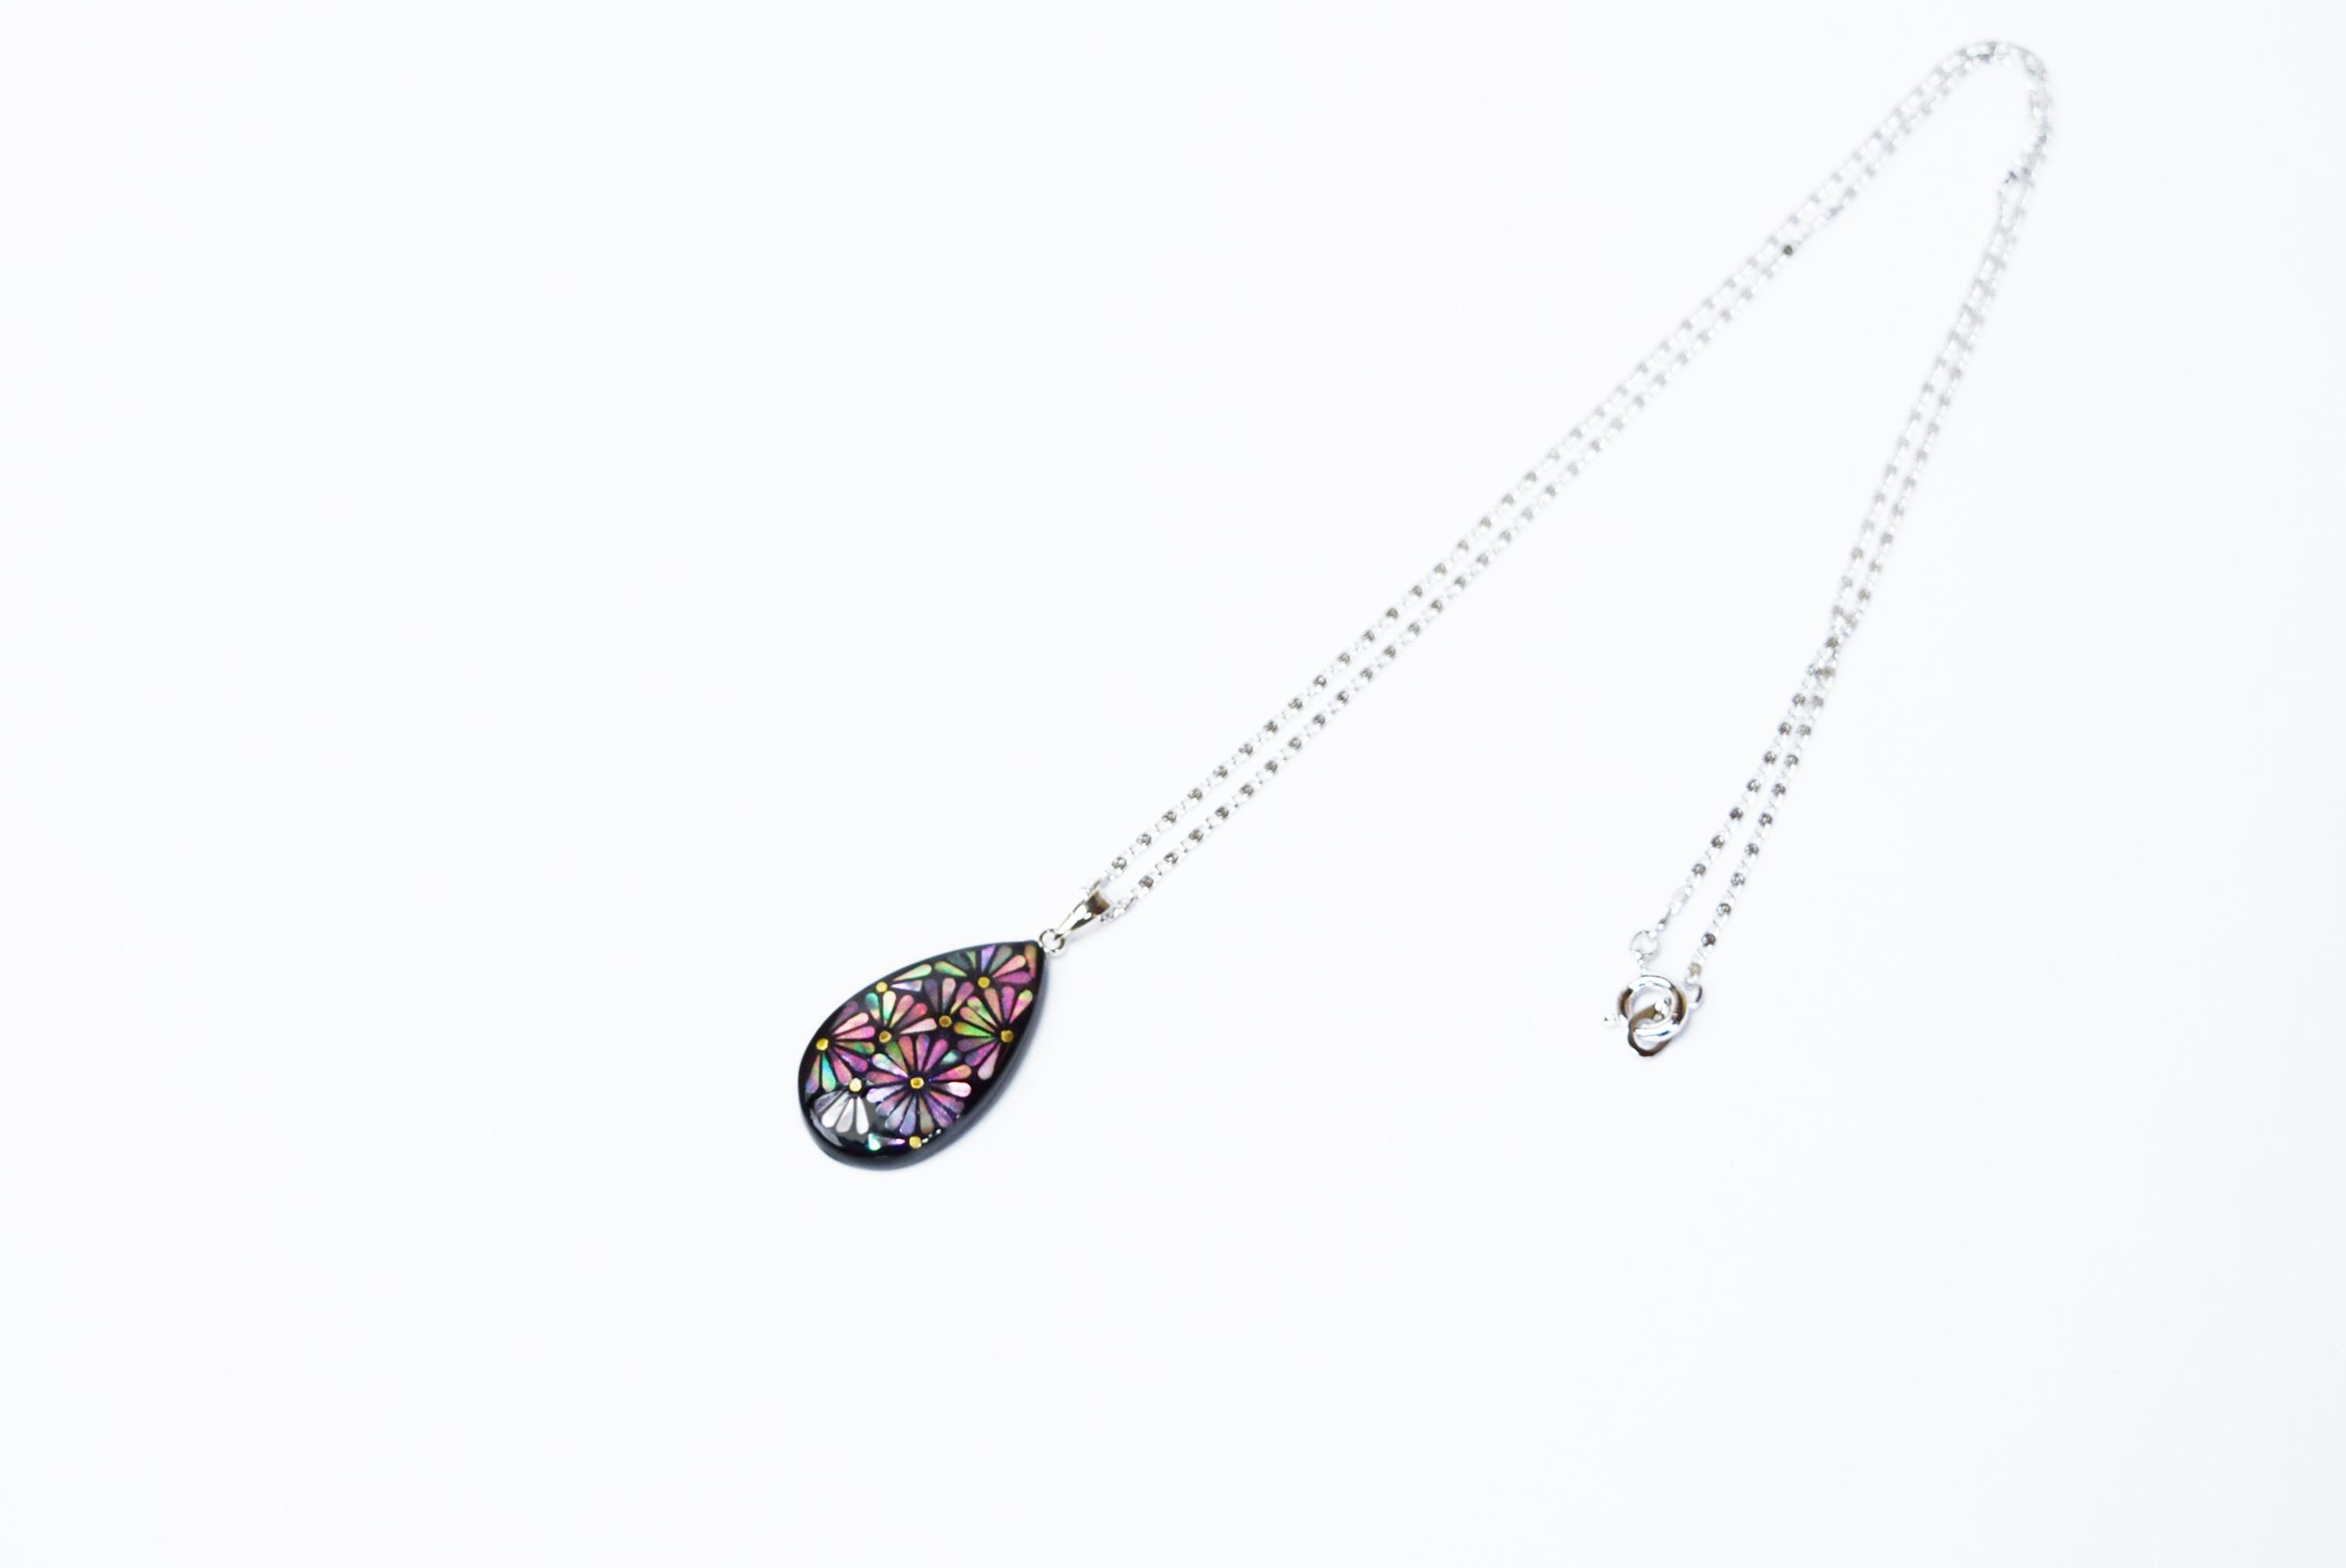 raden_necklace_kiku_s_pnk